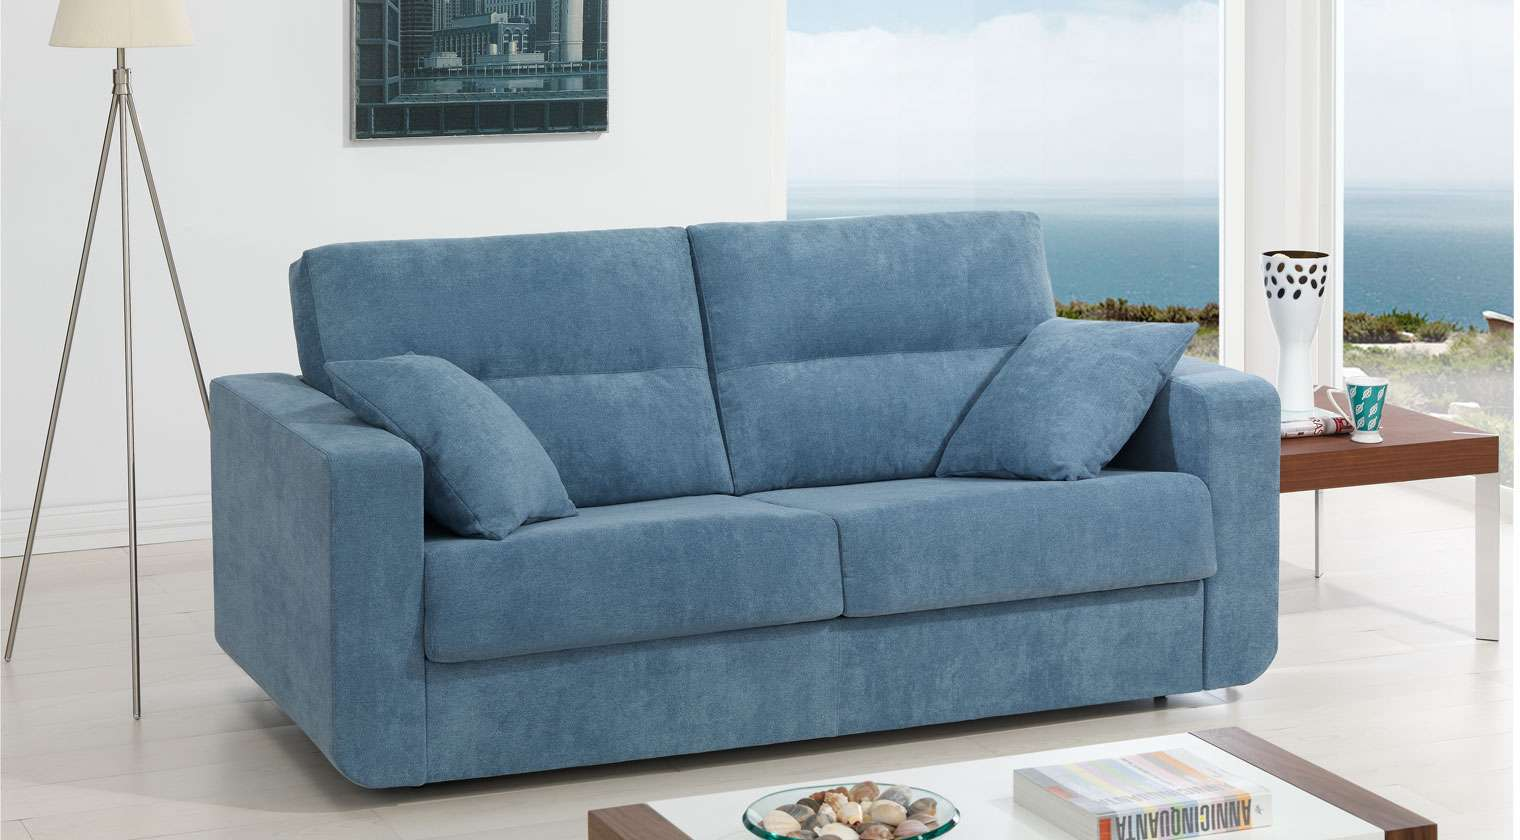 Sof cama alicante sofas cama apertura italiana for Sofas cama apertura italiana baratos